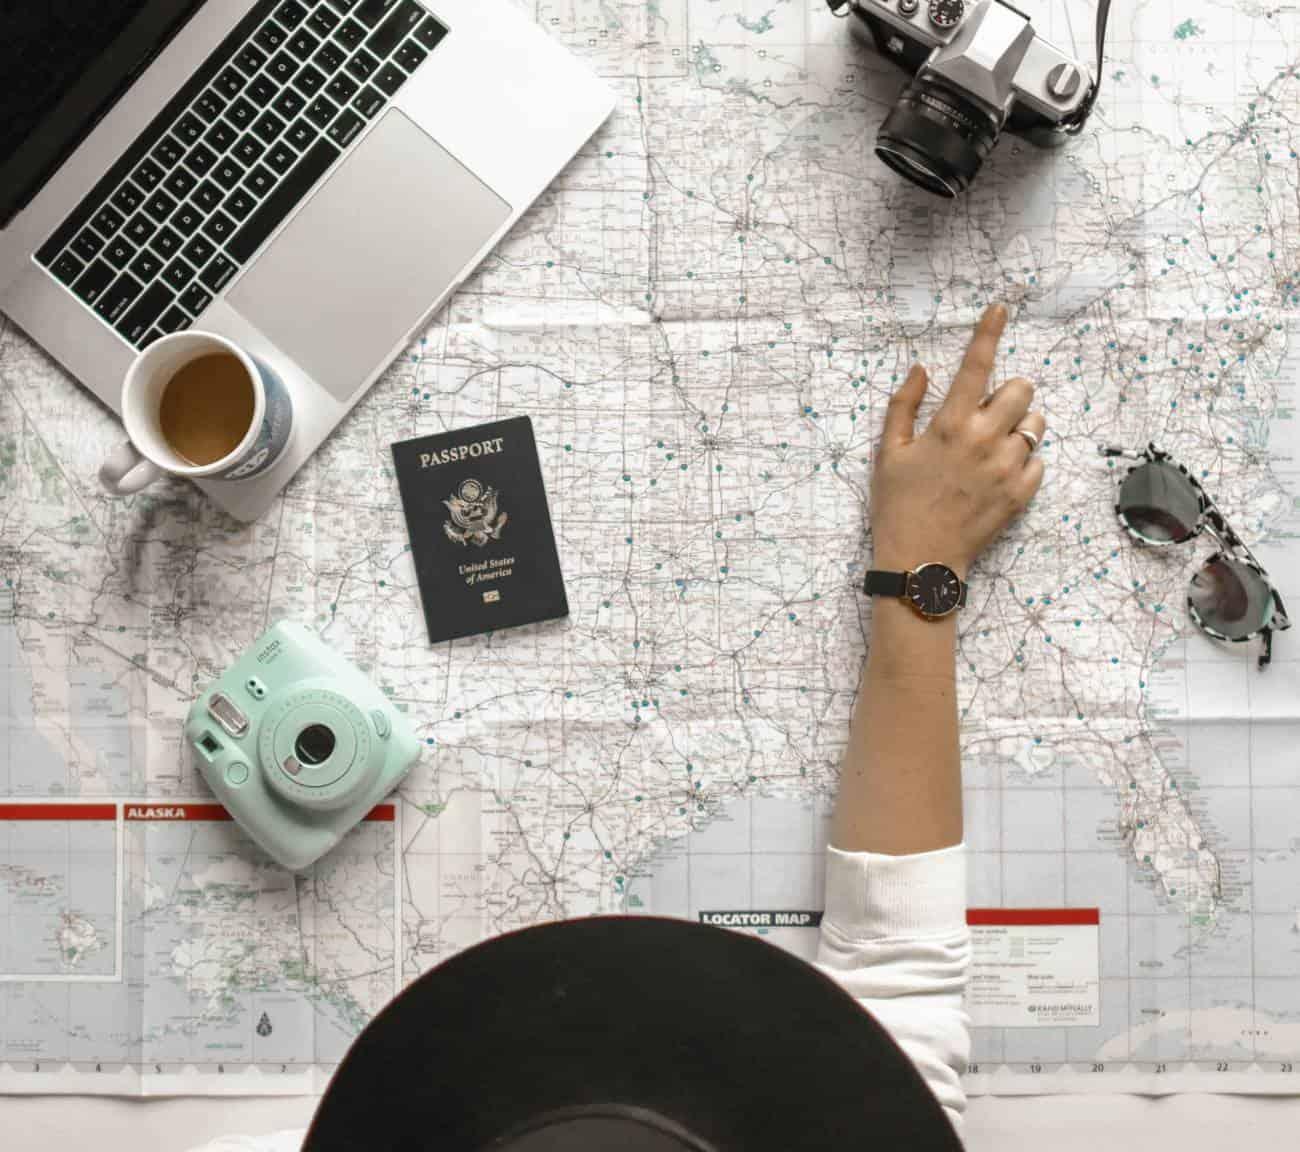 Passport to Book an International Flight